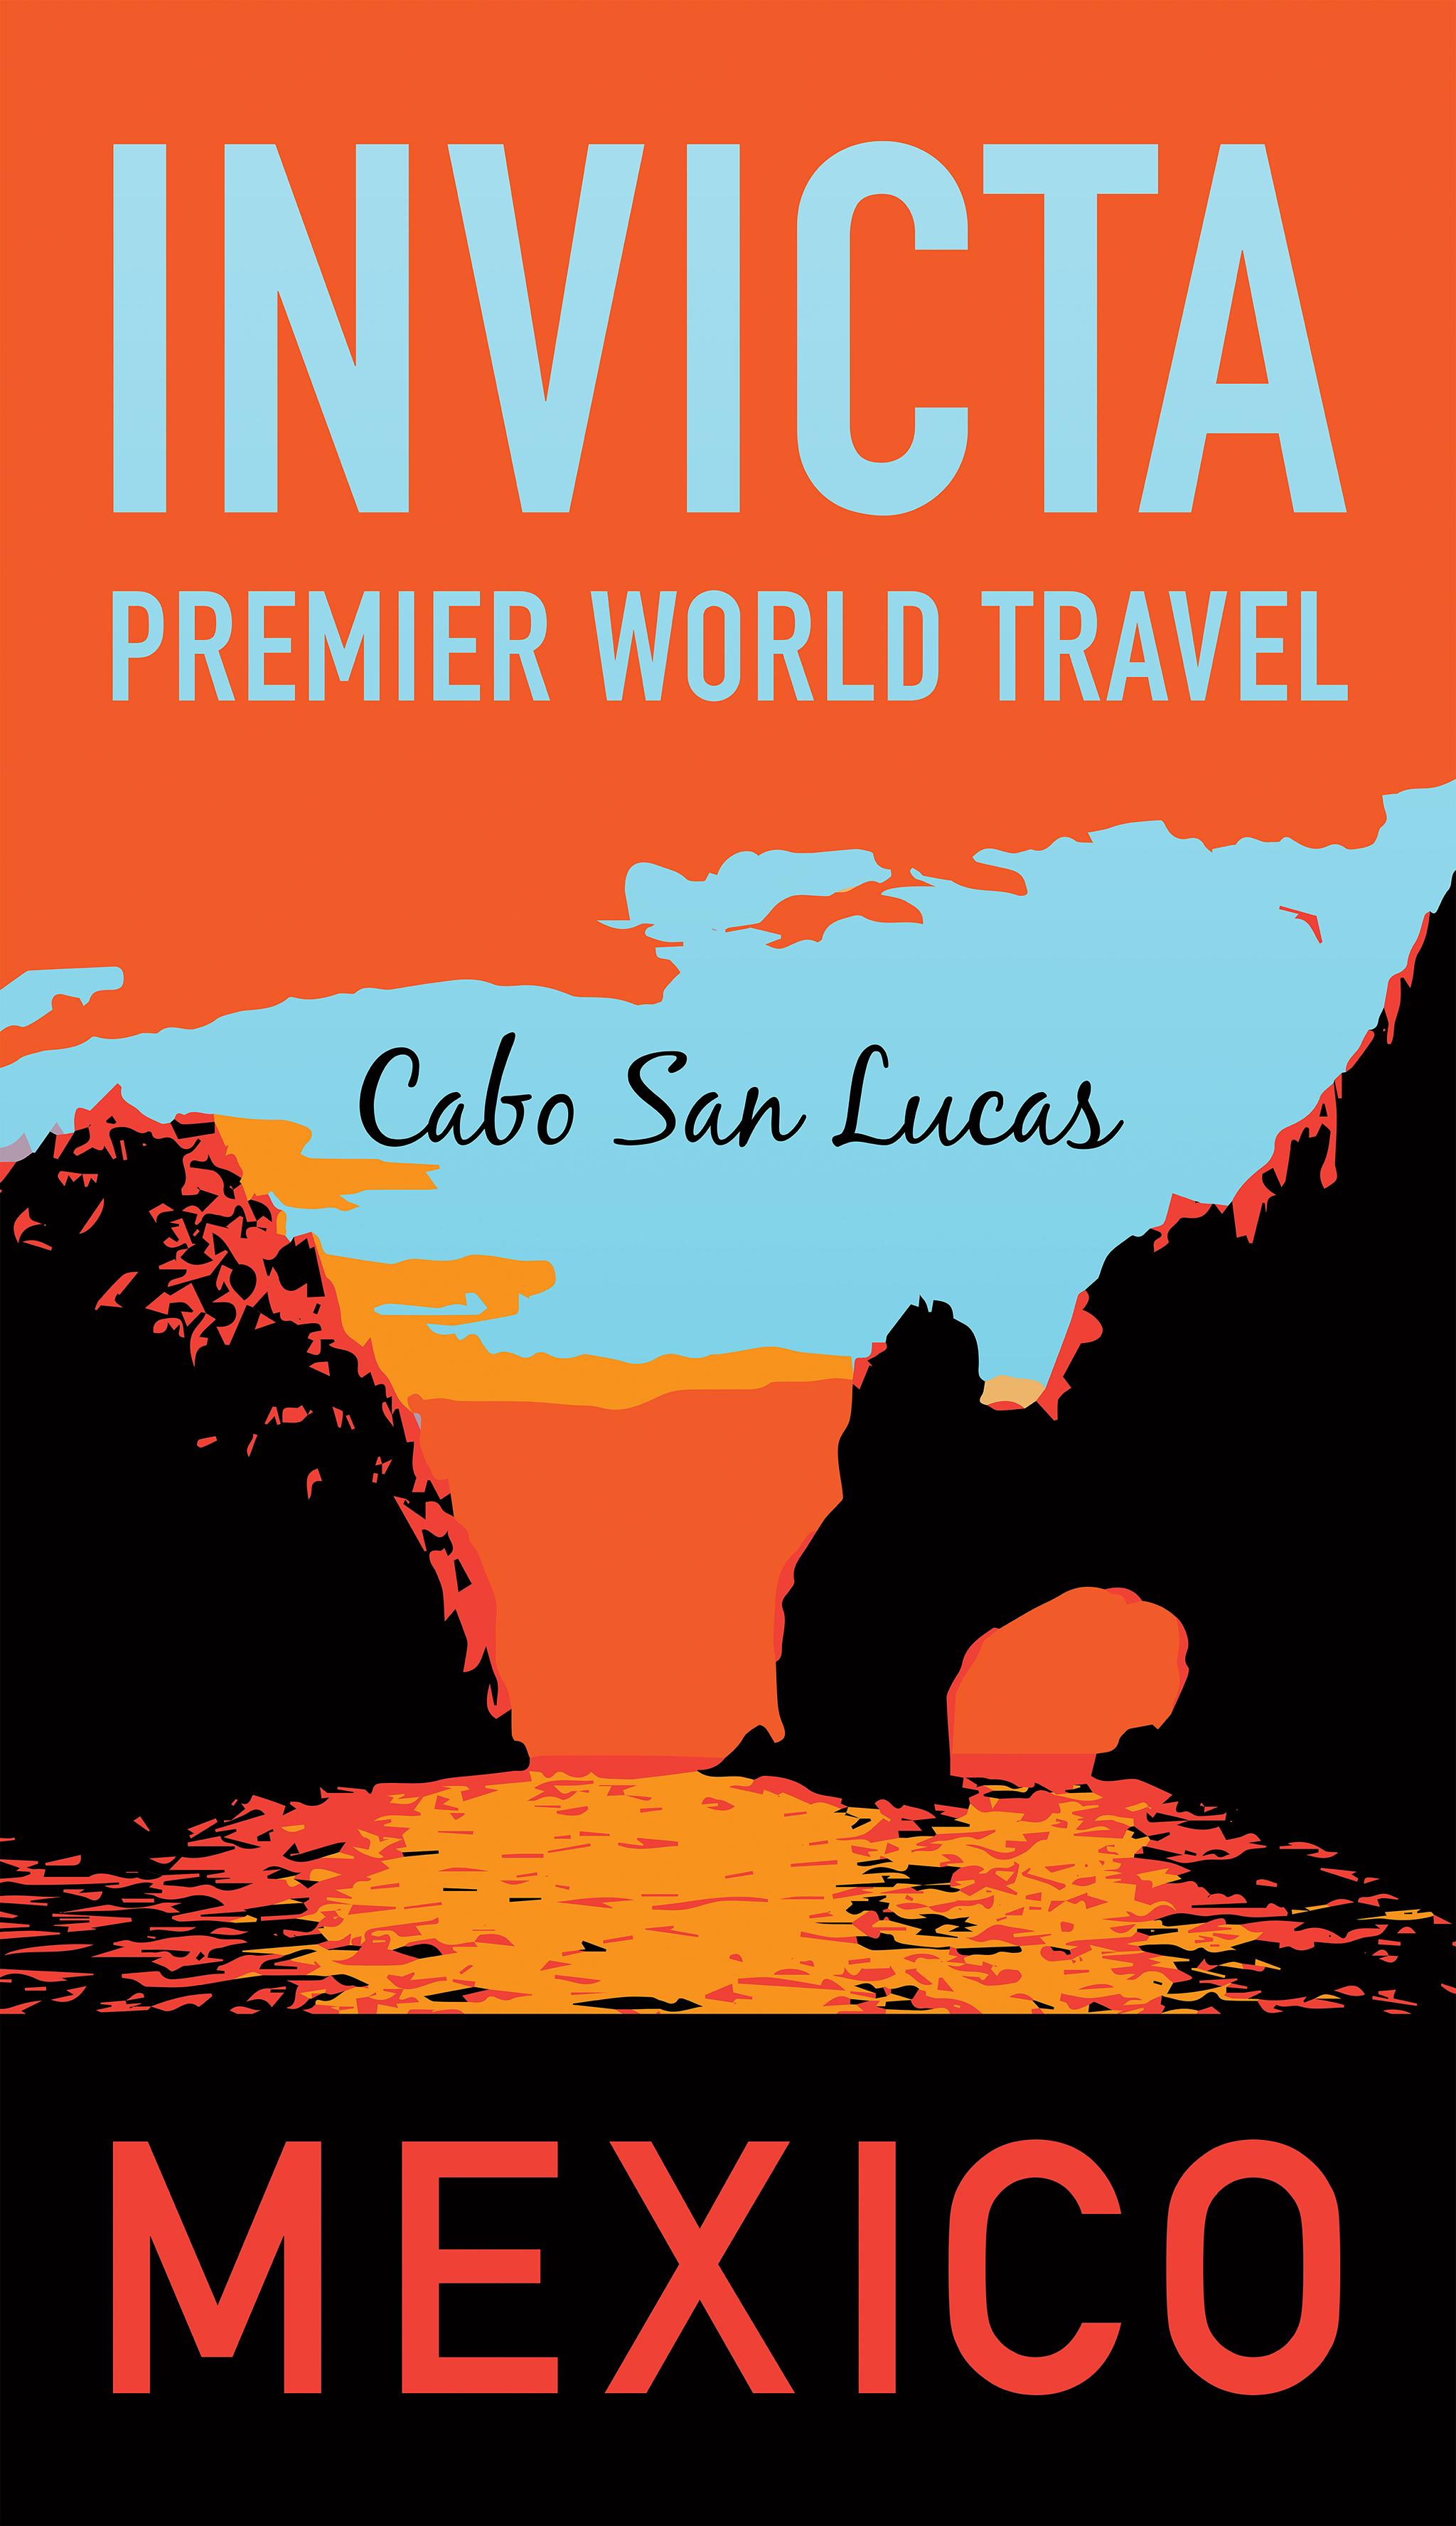 IN_WJ_Poster_Cabo_03.jpg